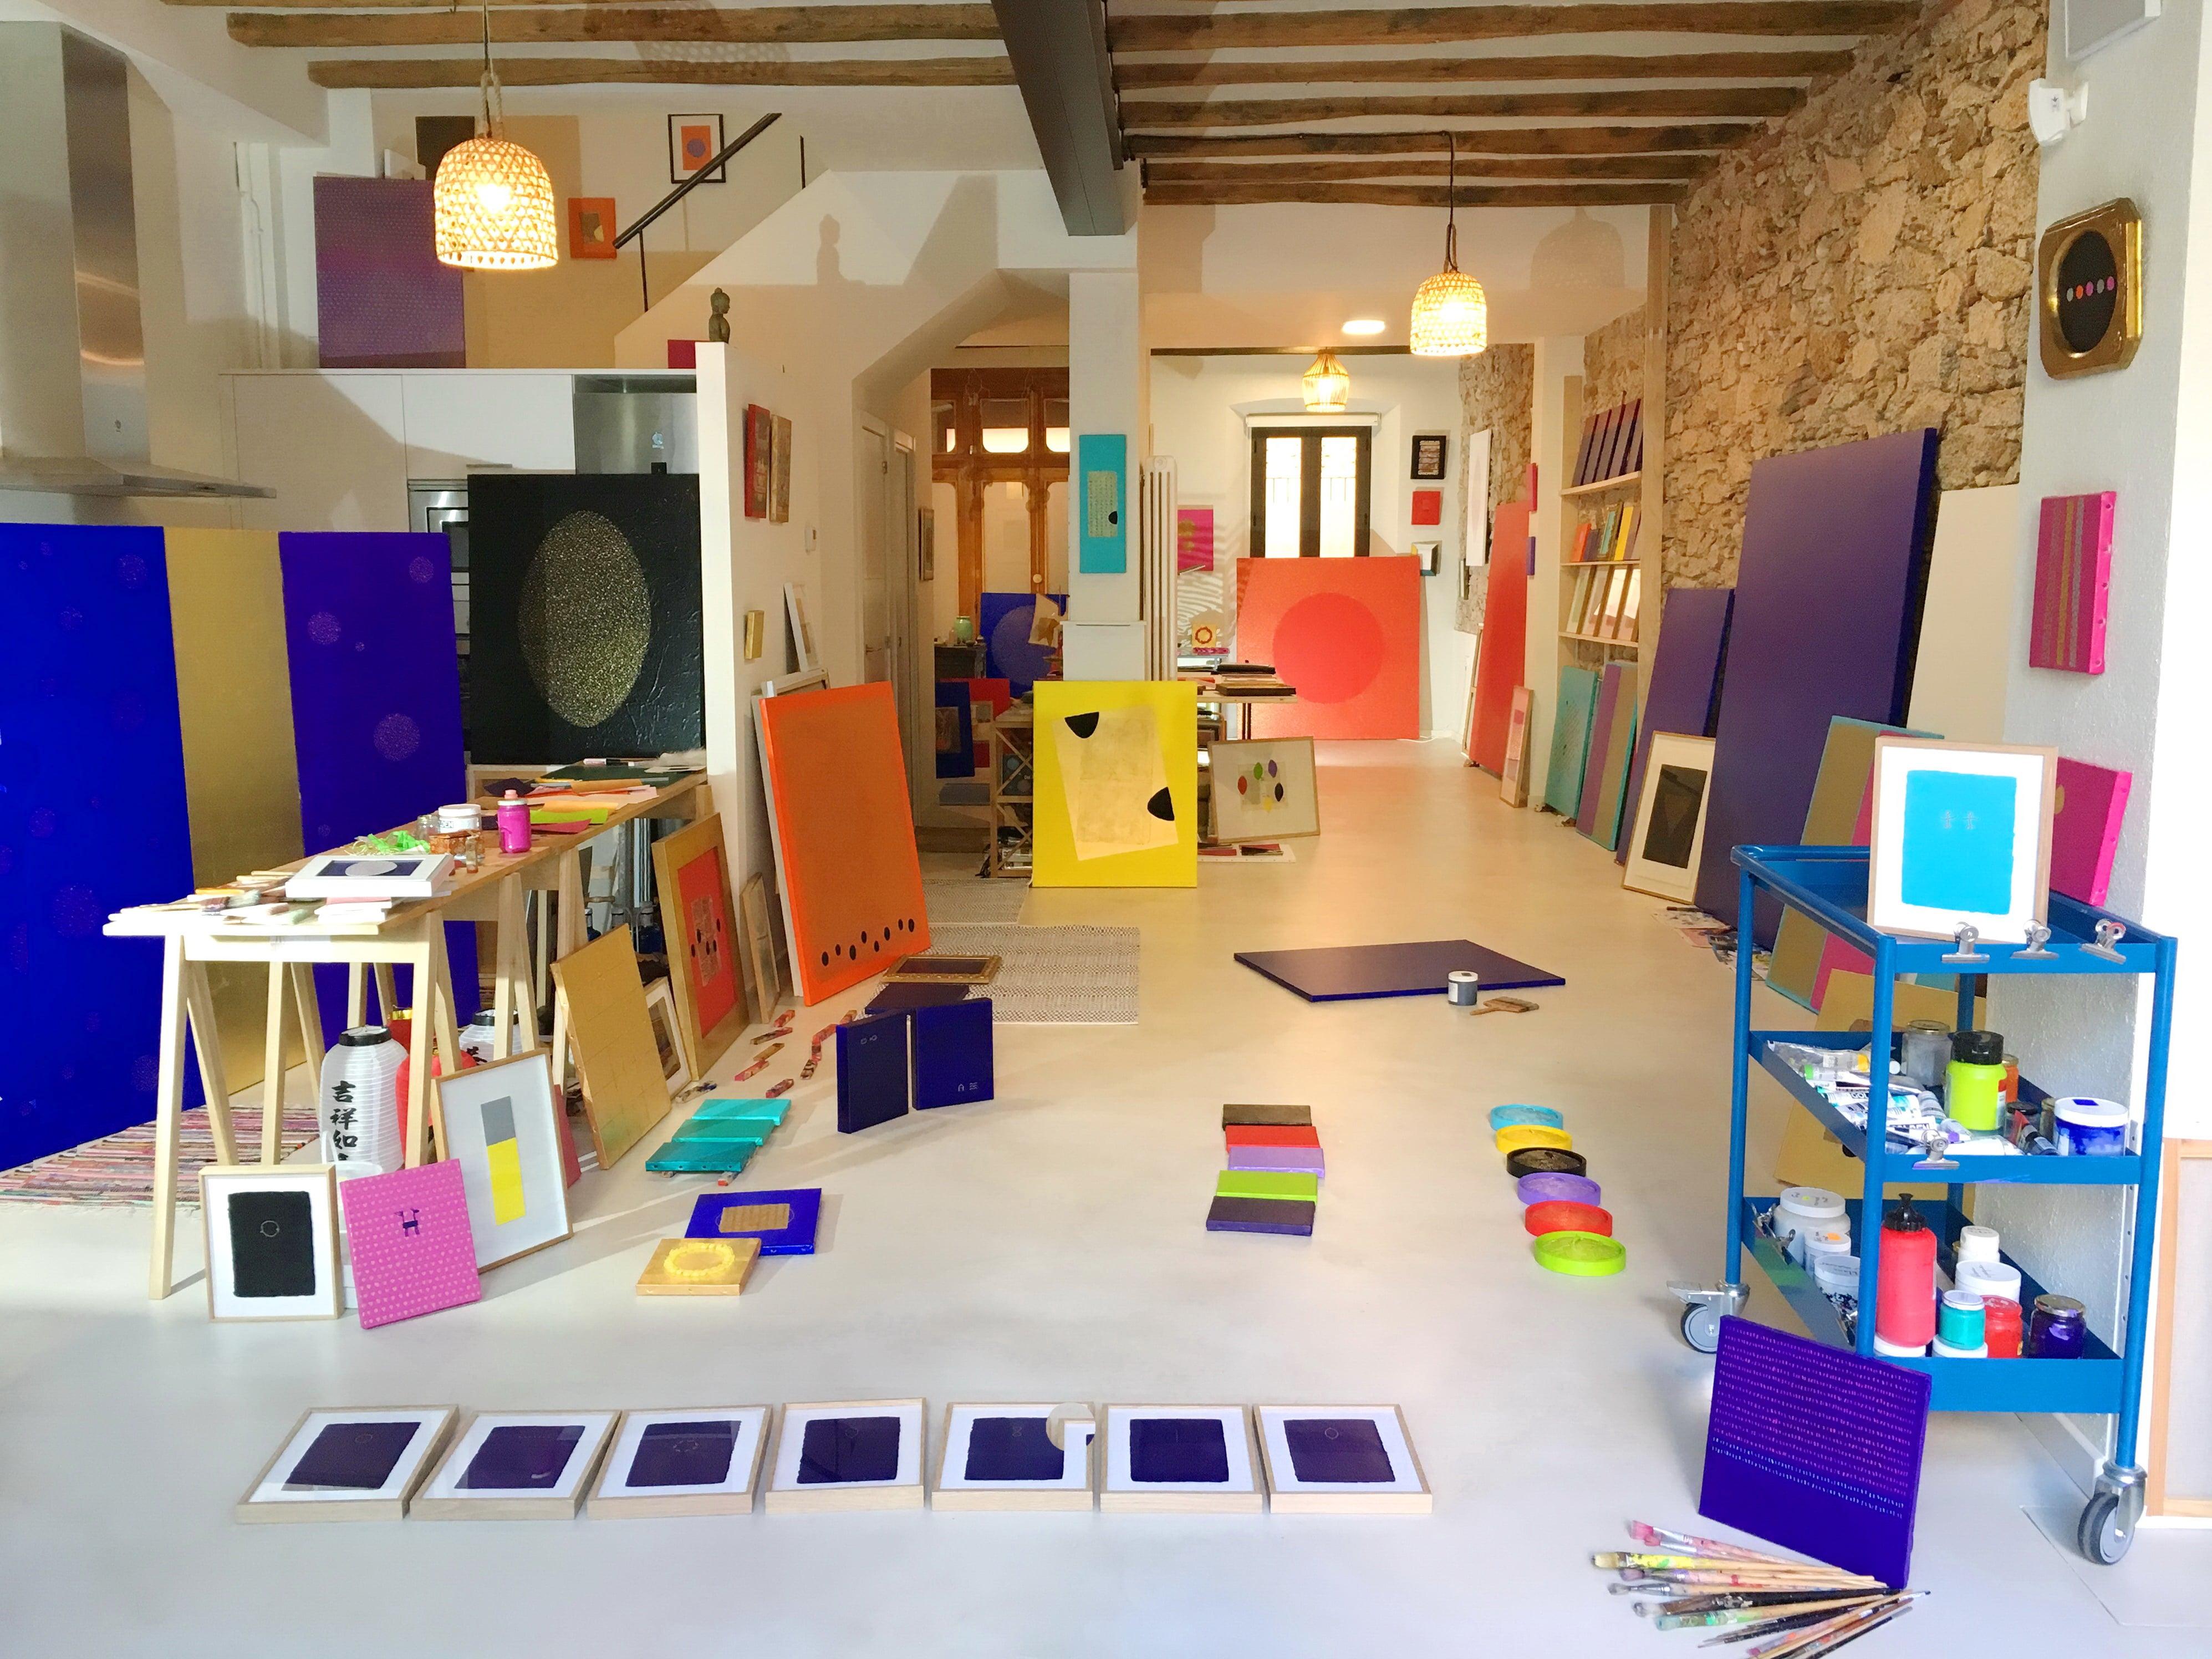 atelier de l'artiste peintre Del Aor en Espagne